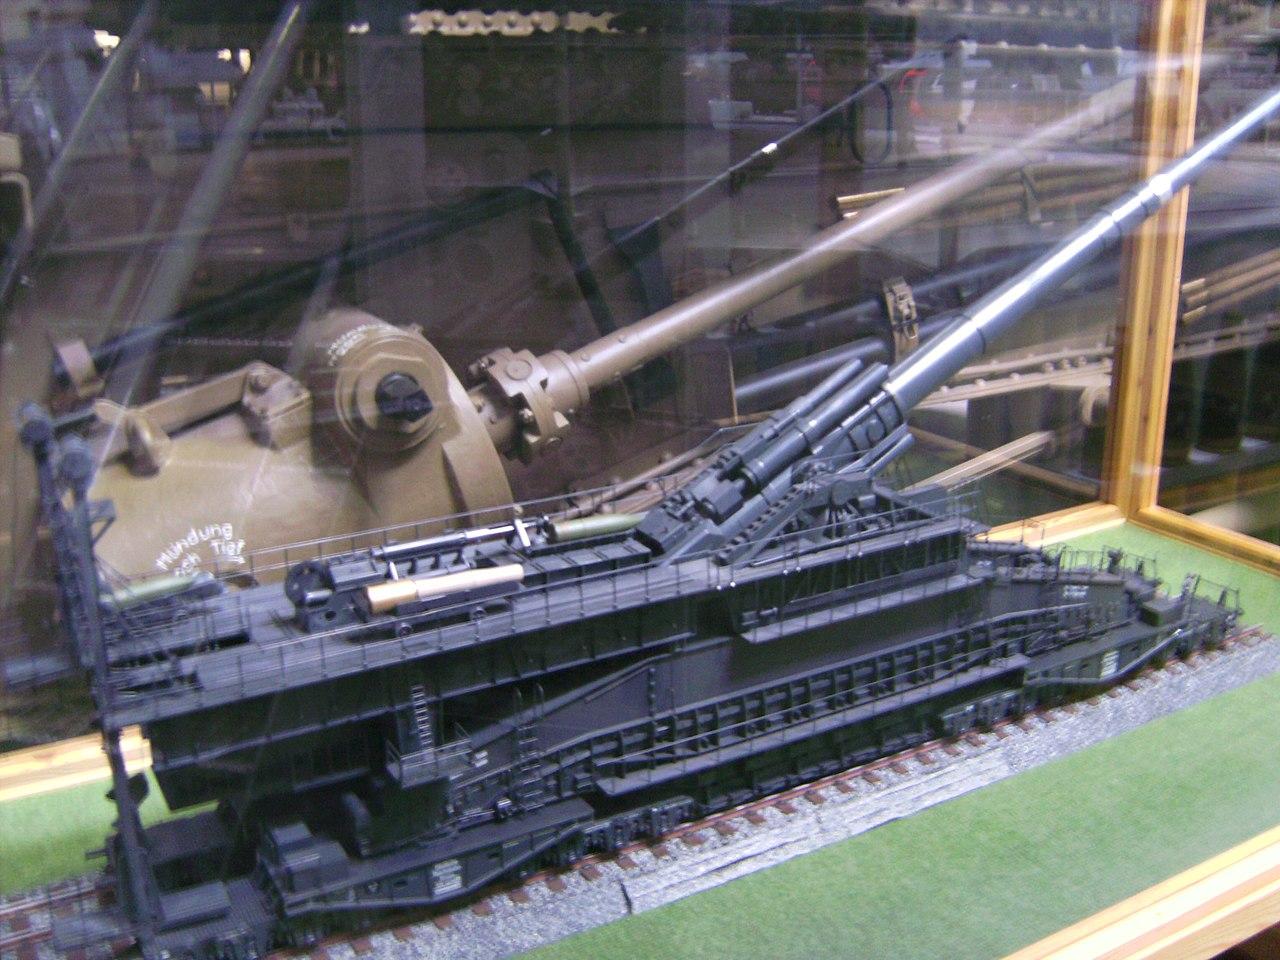 挑战黑人巨炮_古斯塔夫巨炮(heavy gustav) - wuwei1101 - 西花社